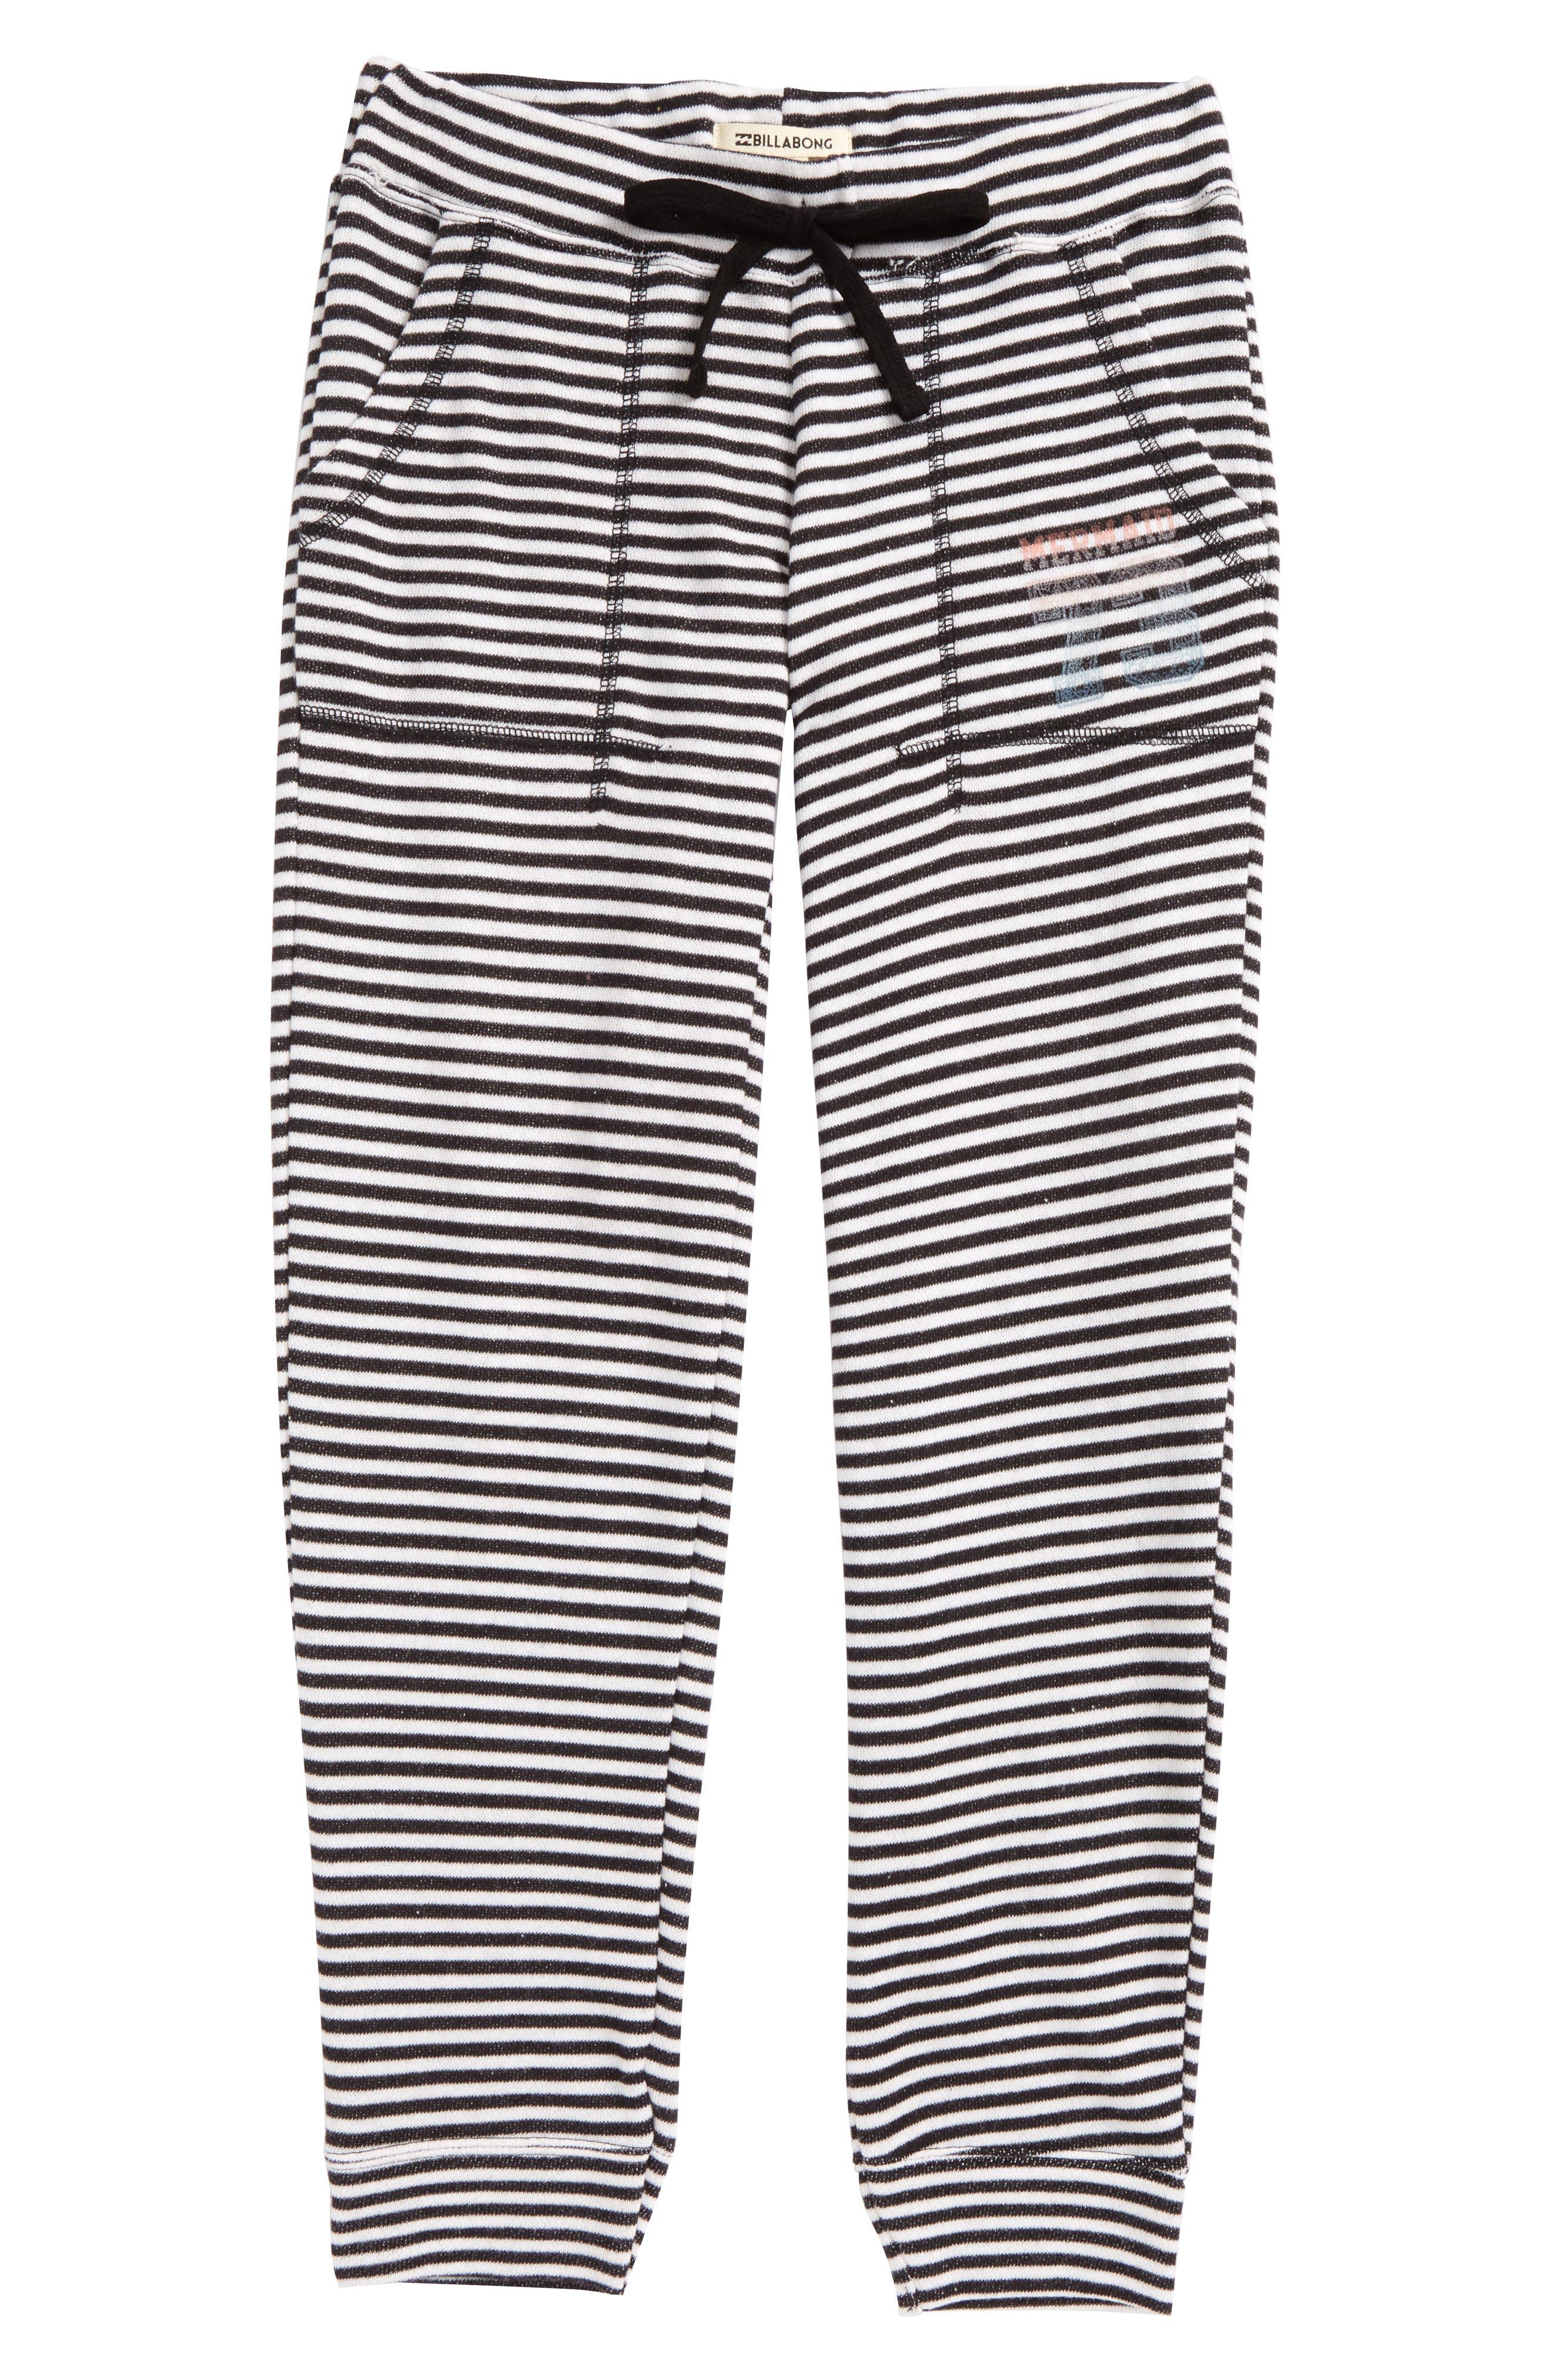 Alternate Image 1 Selected - Billabong Safe Love Knit Pants (Little Girls & Big Girls)